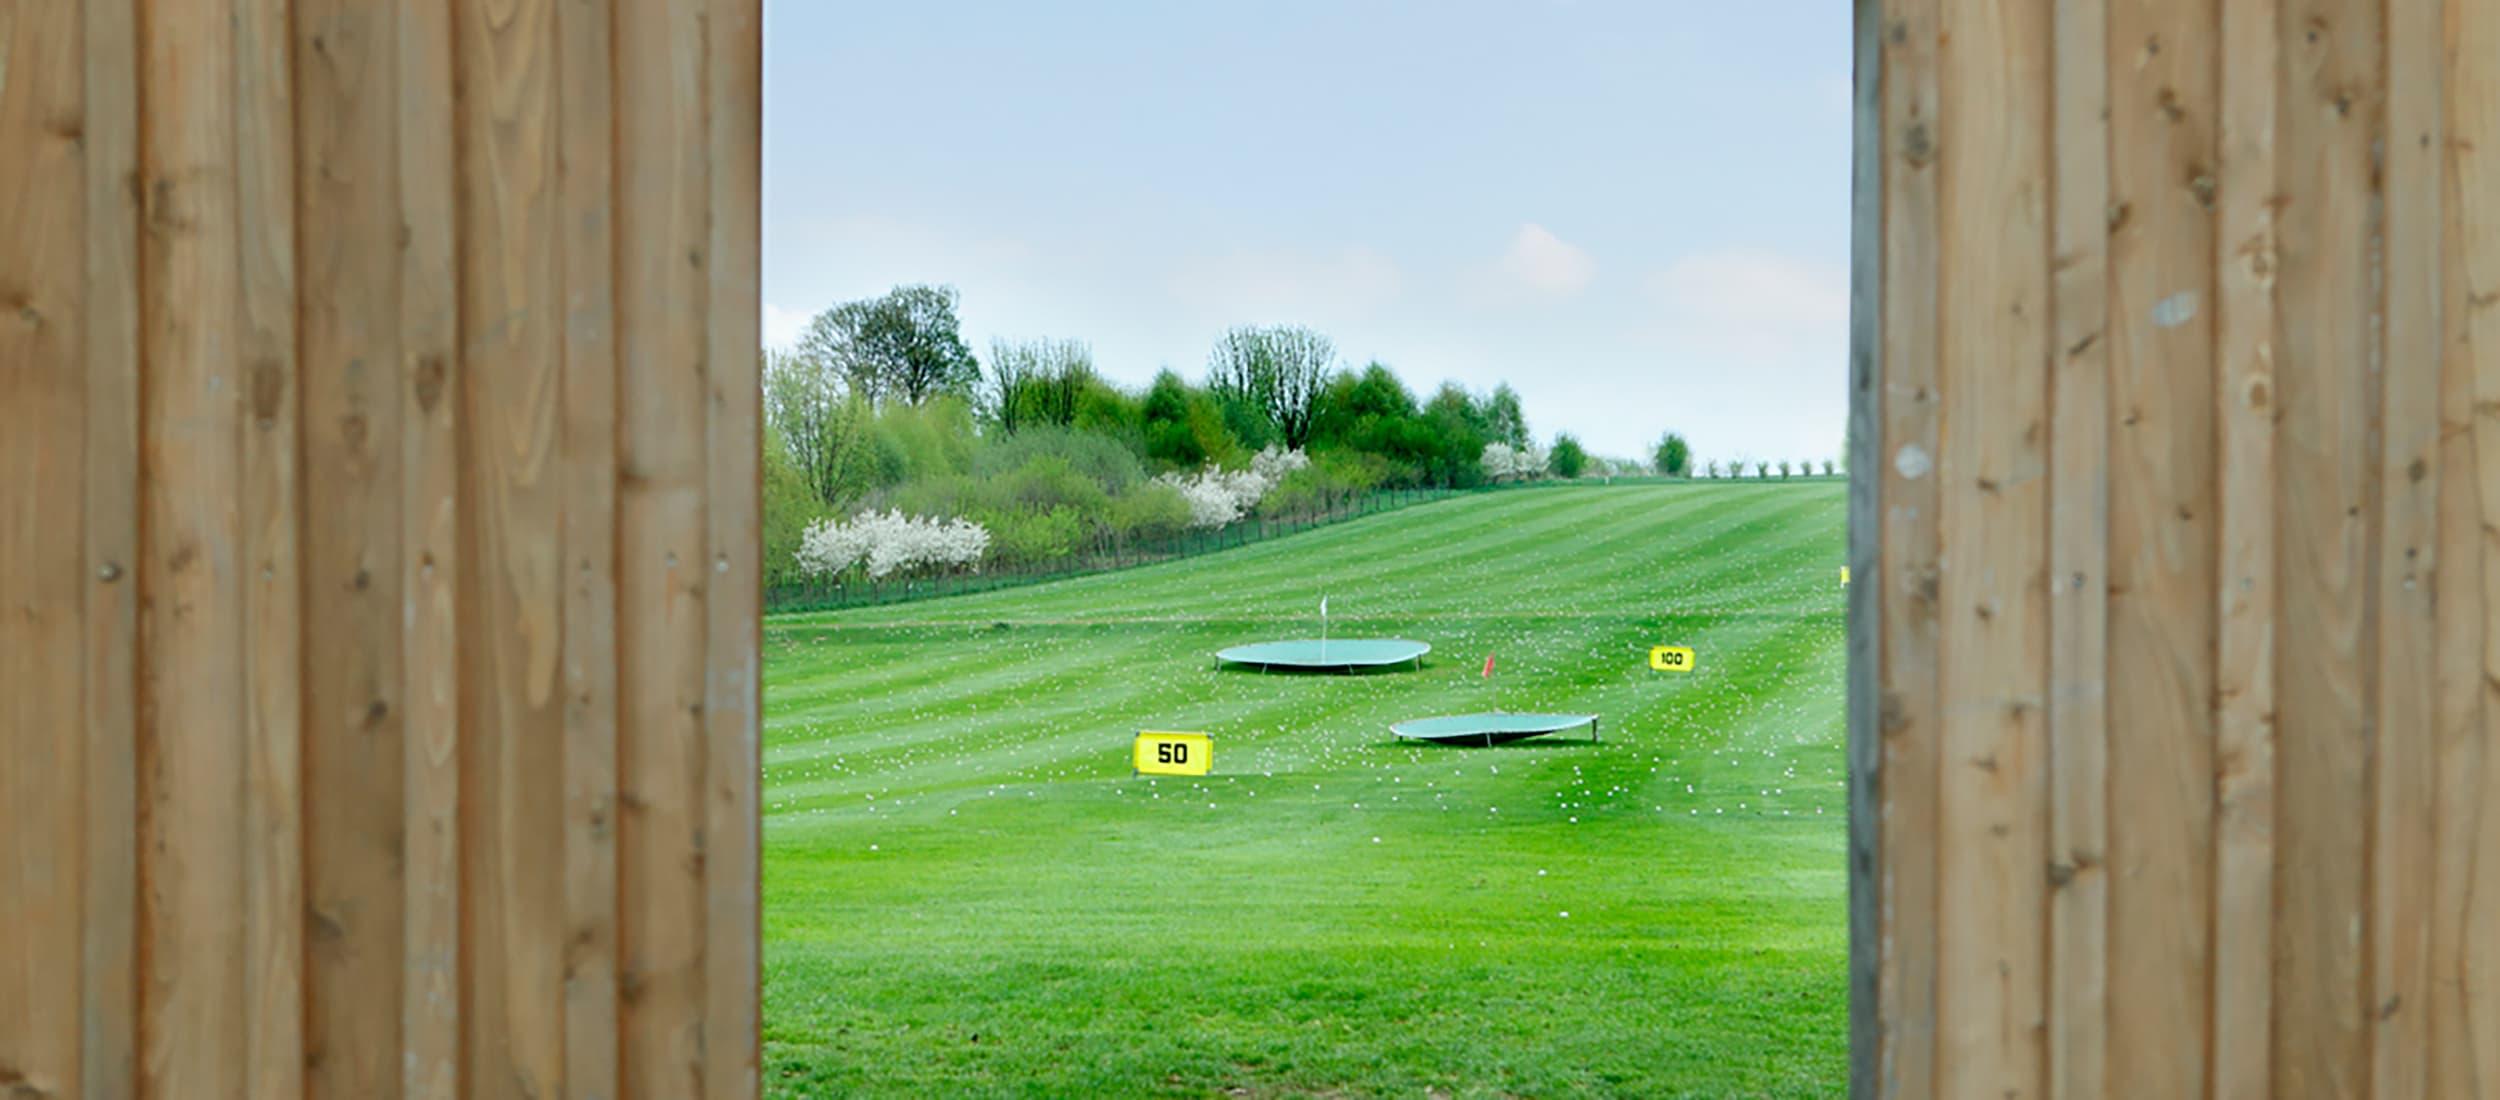 03_Kopfbild-golf